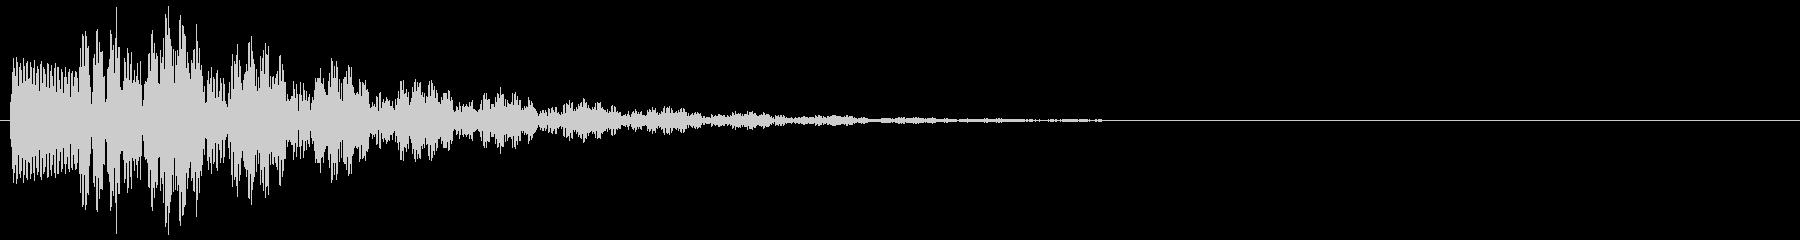 ピチーン(プッシュ、クリック、ボタン音)の未再生の波形